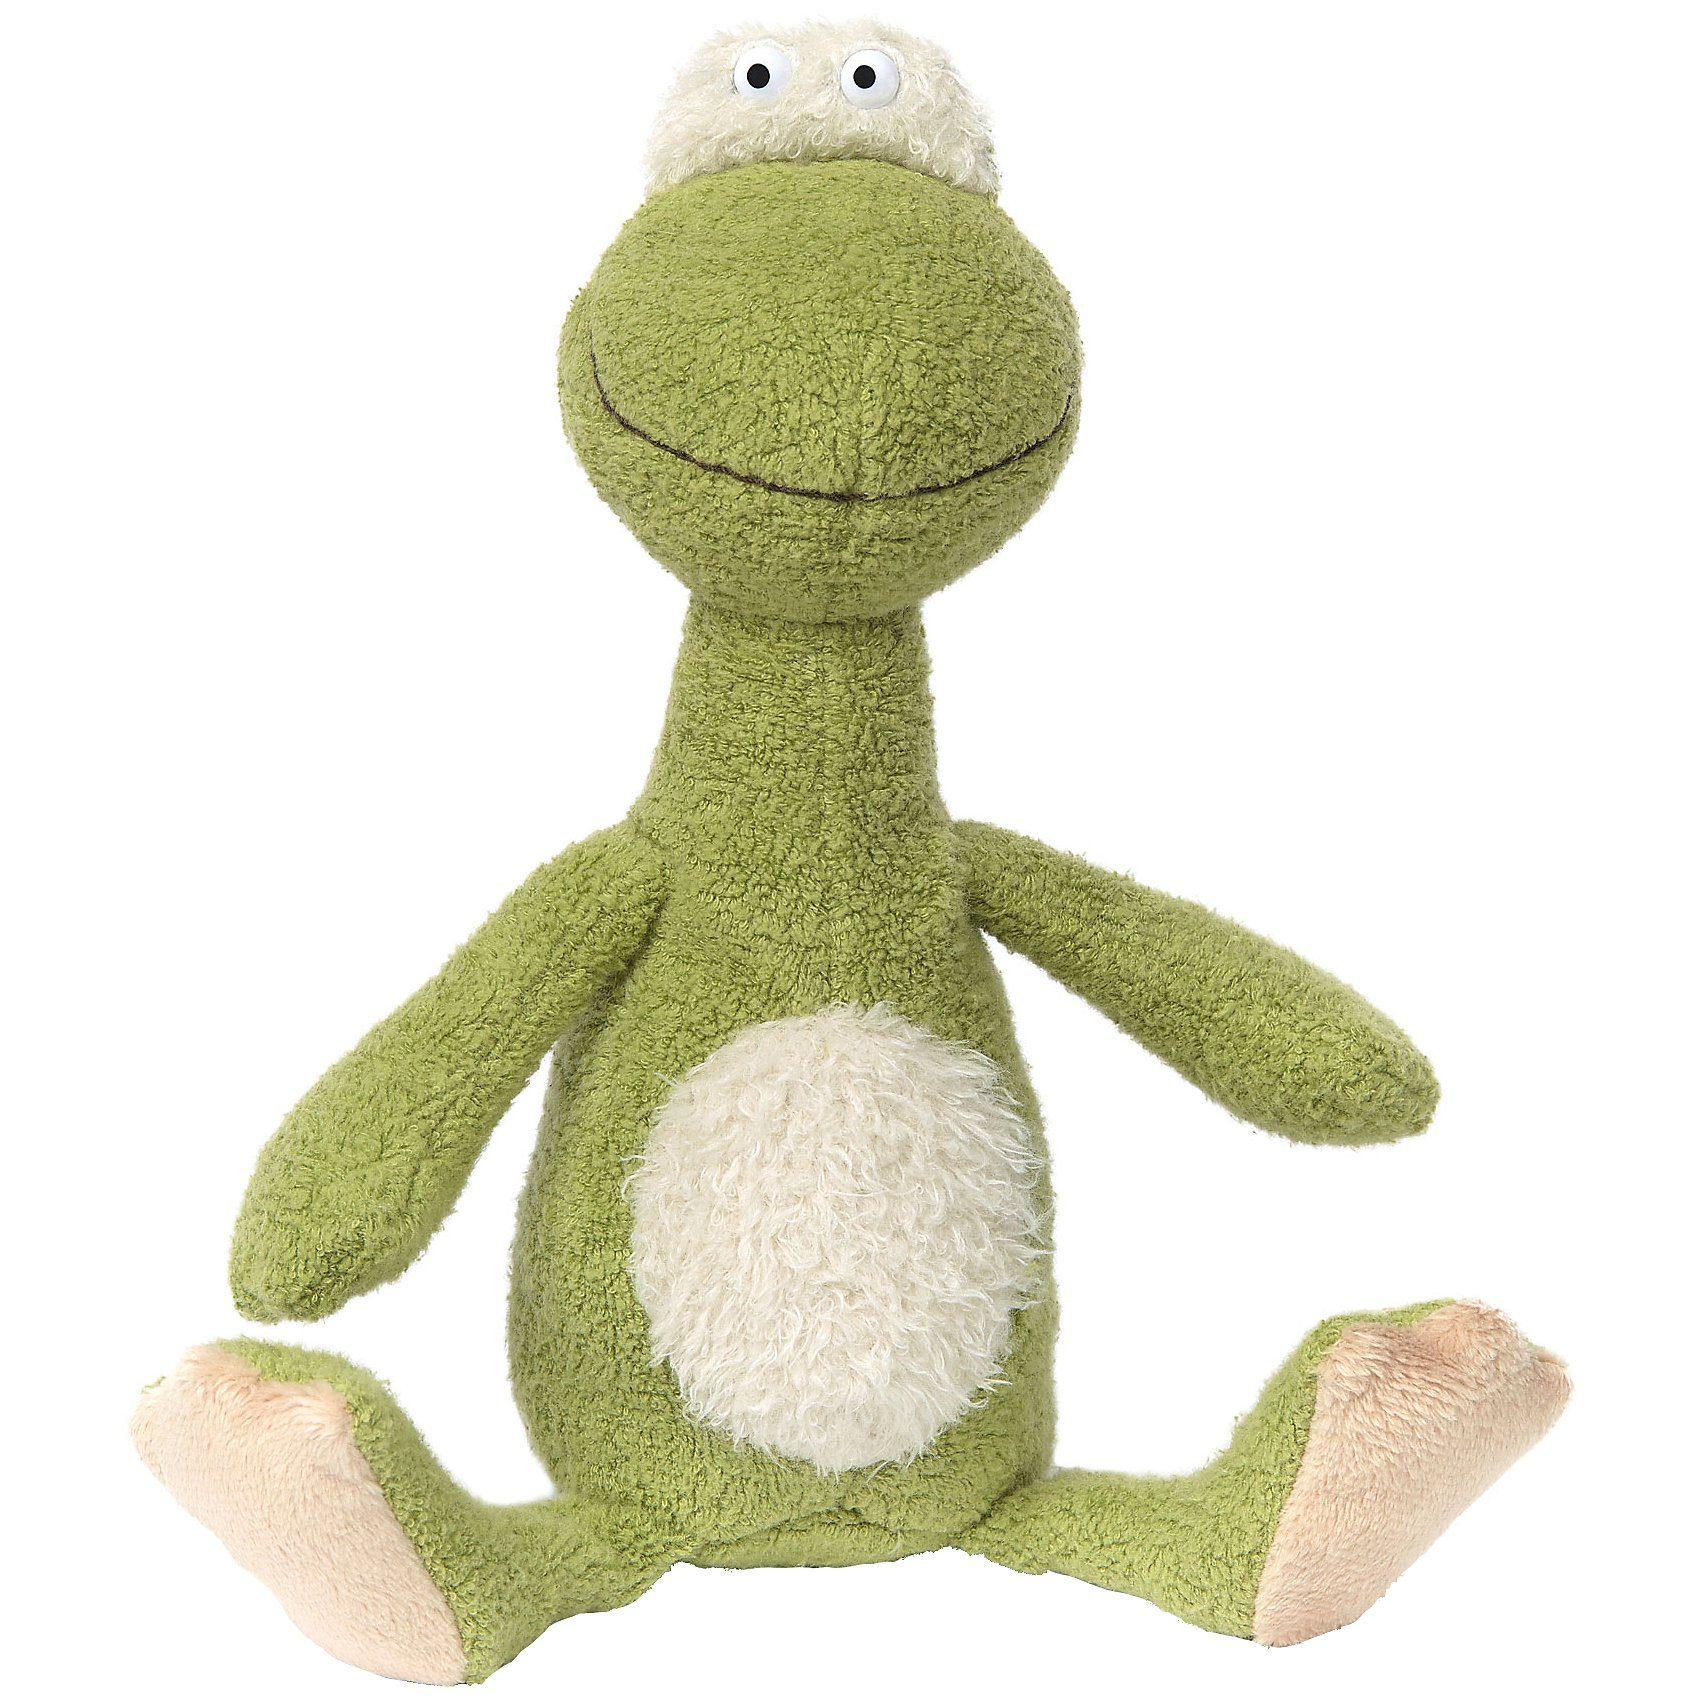 Sigikid Frosch klein, Ach Good! Family & Friends, 20cm (38880)